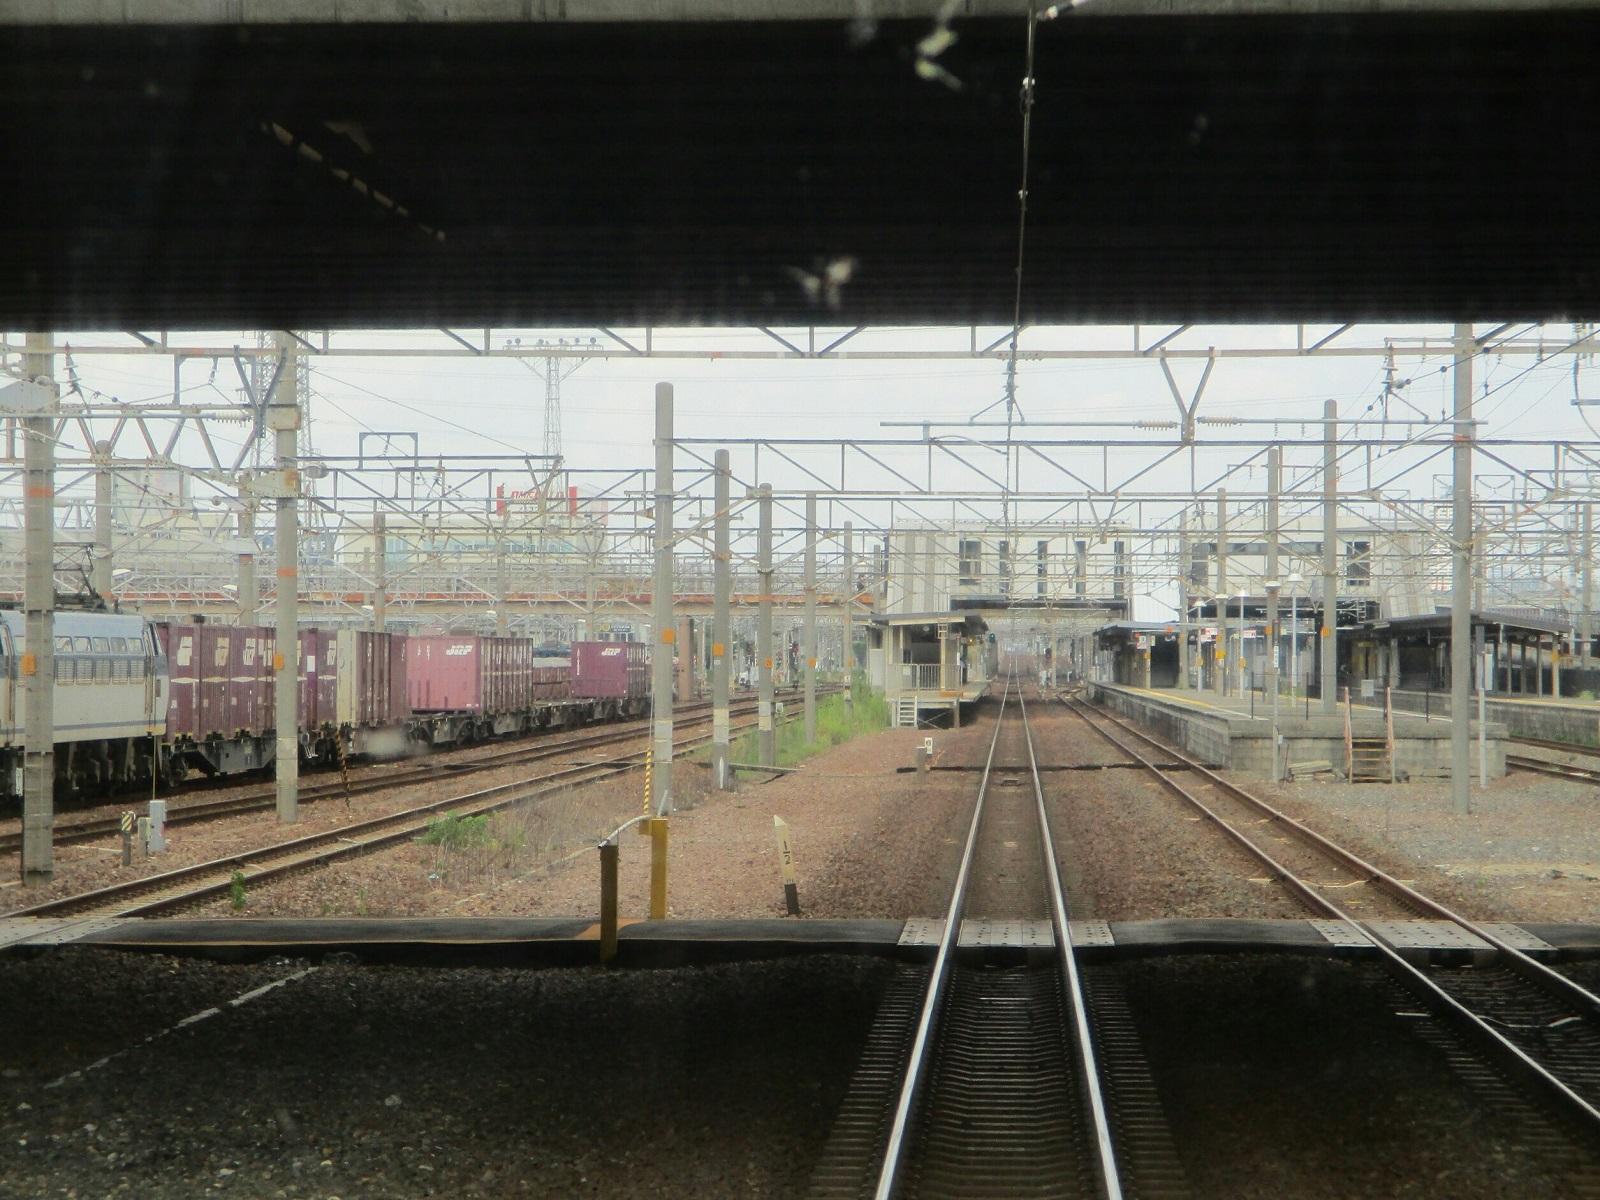 2018.8.29 (28) 大垣いき新快速 - 笠寺てまえ 1600-1200